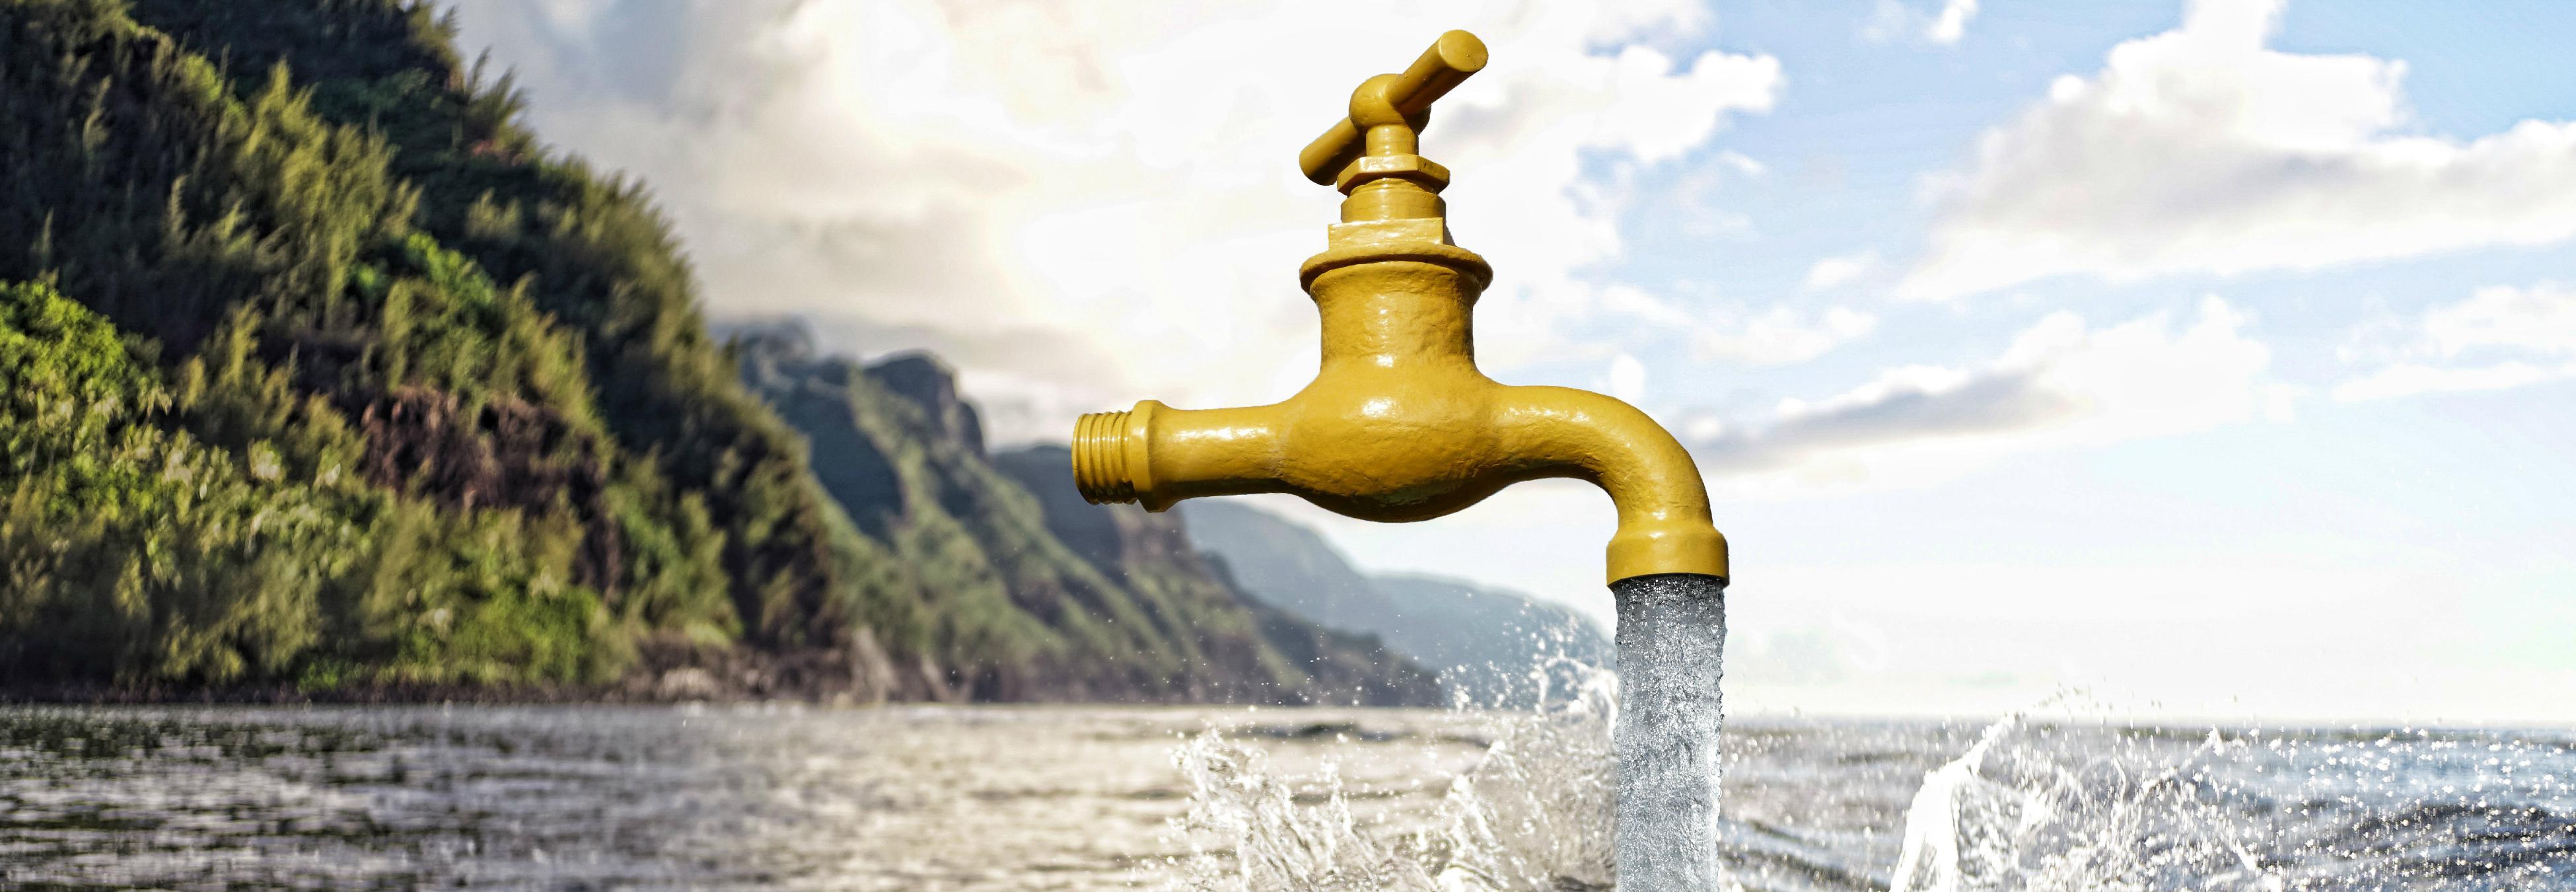 El boom del agua cruda